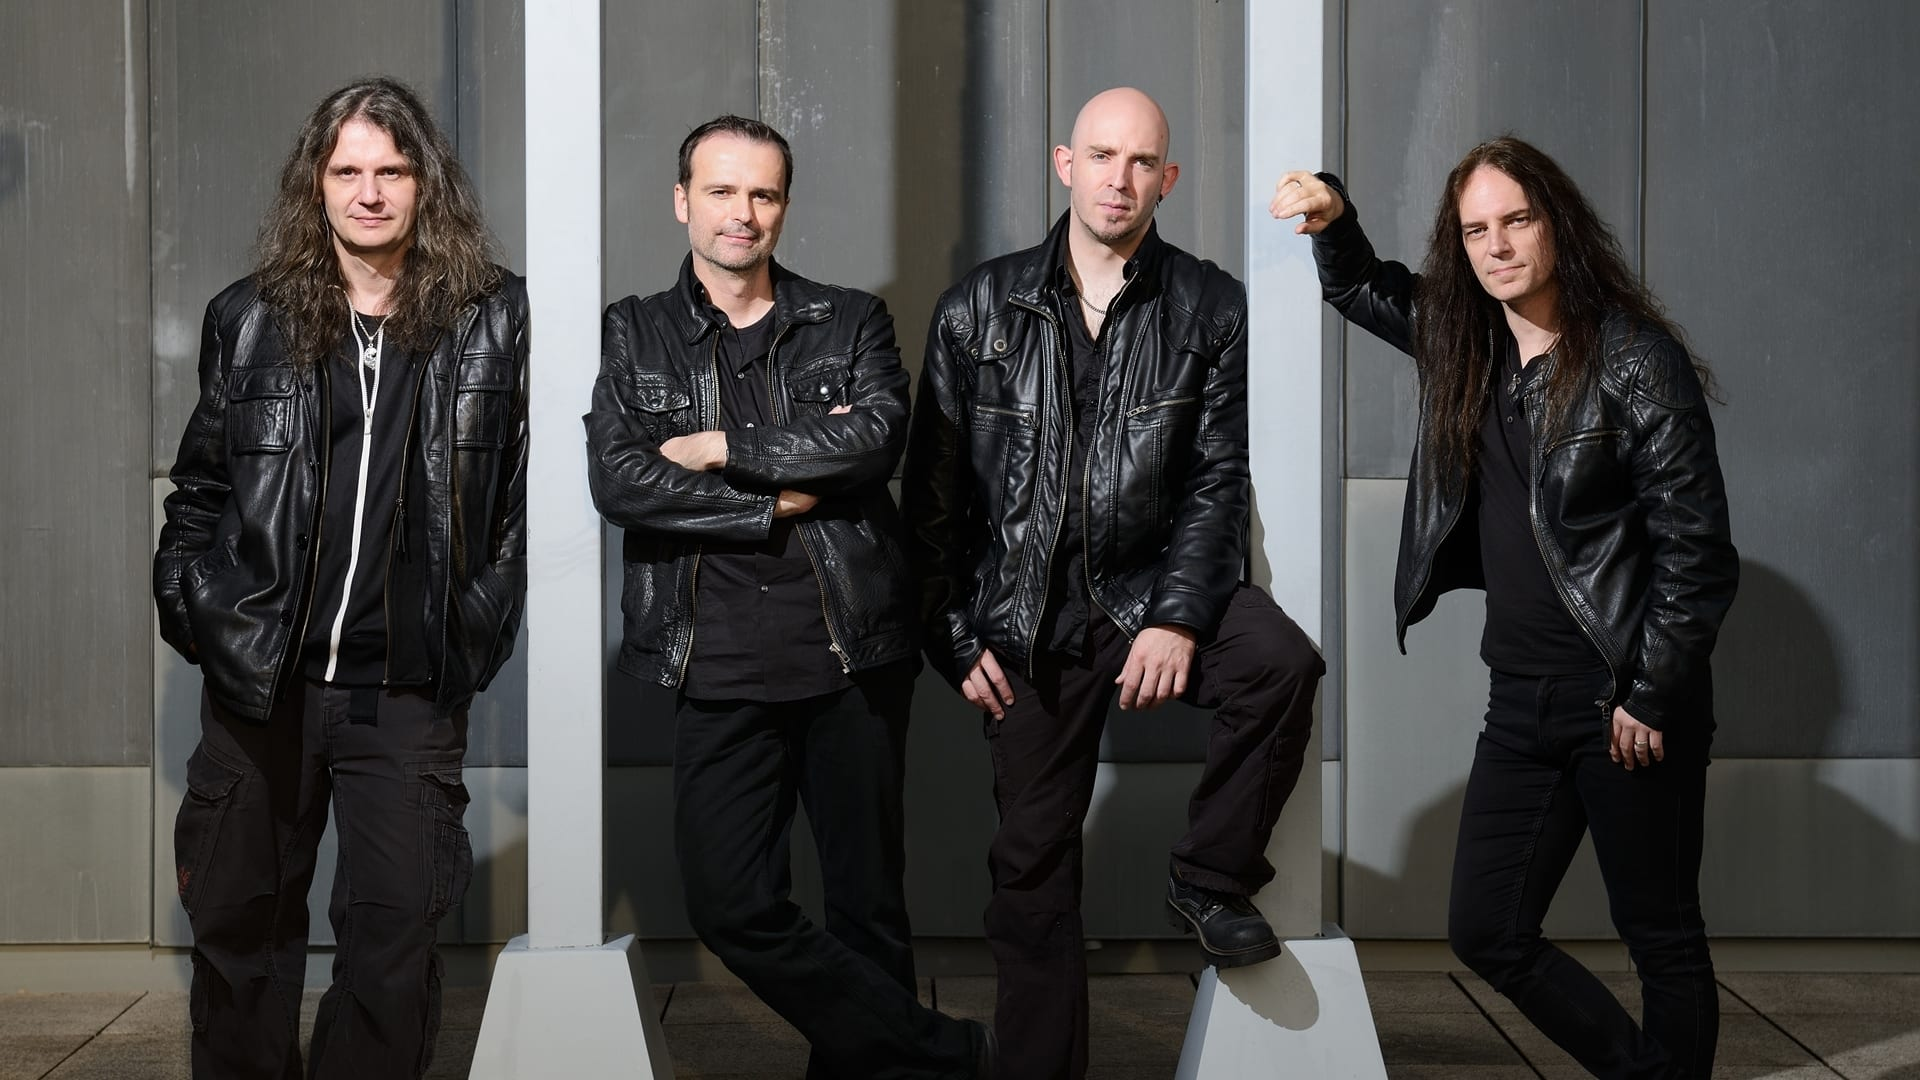 Grupo de música Blind Guardian